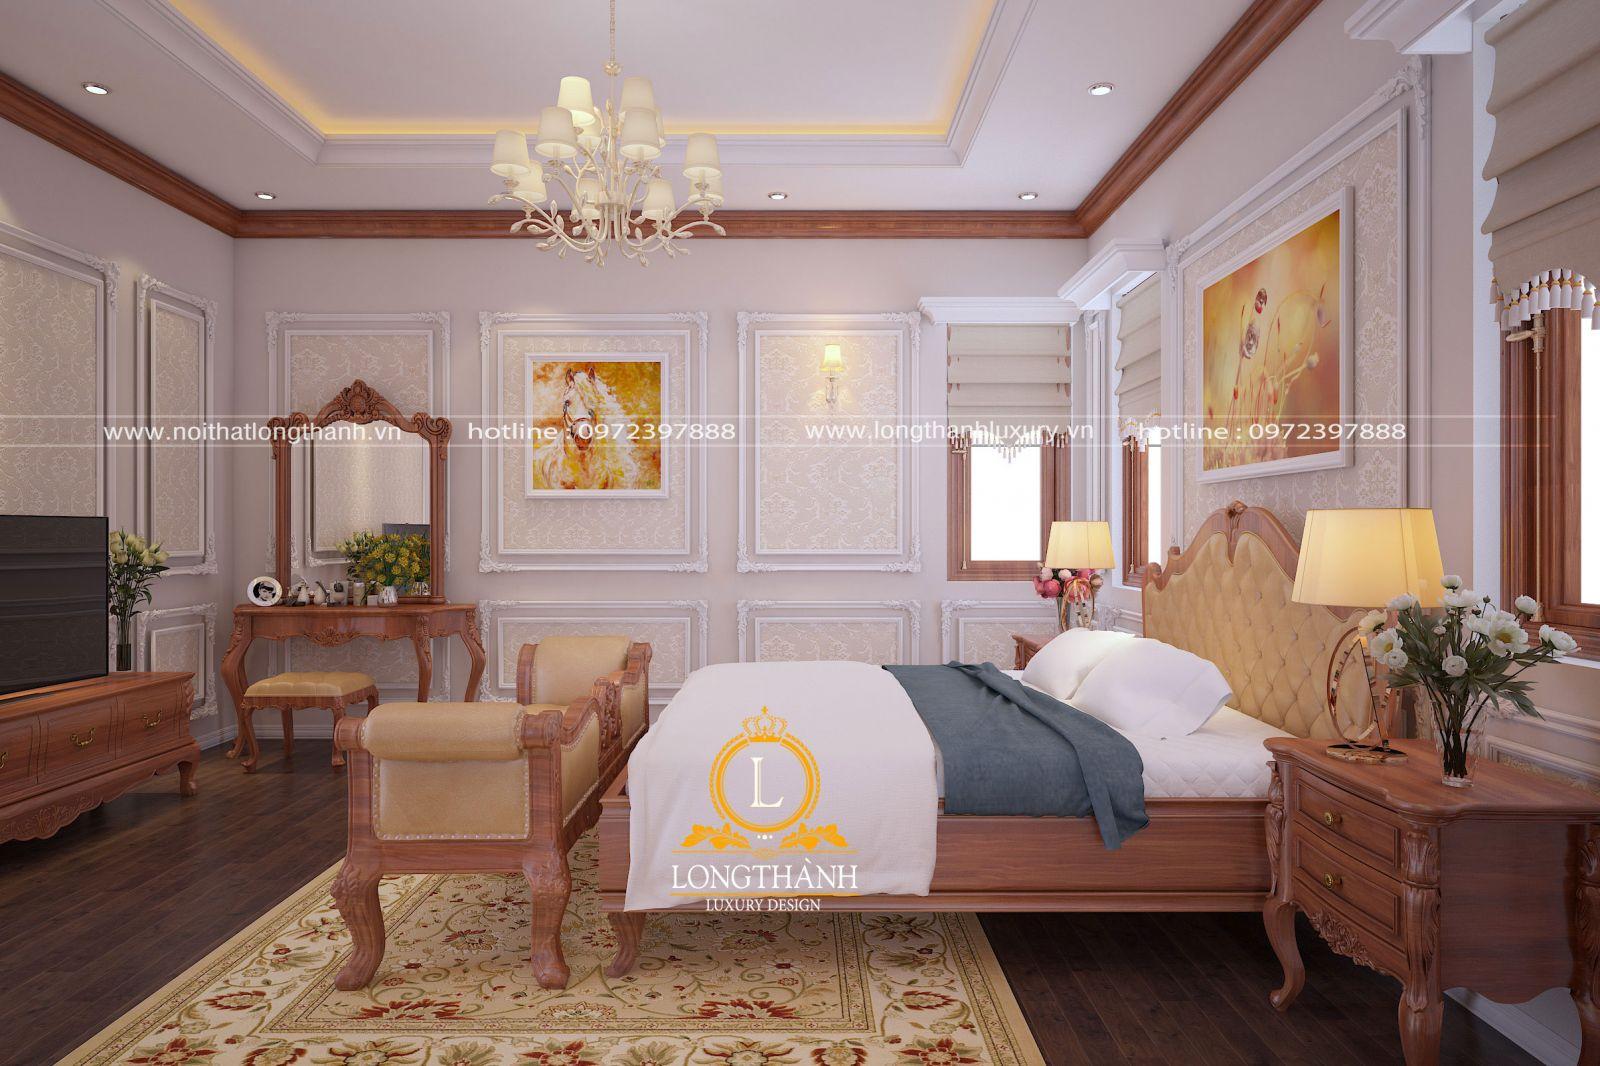 Phòng ngủ cao cấp tiện nghi